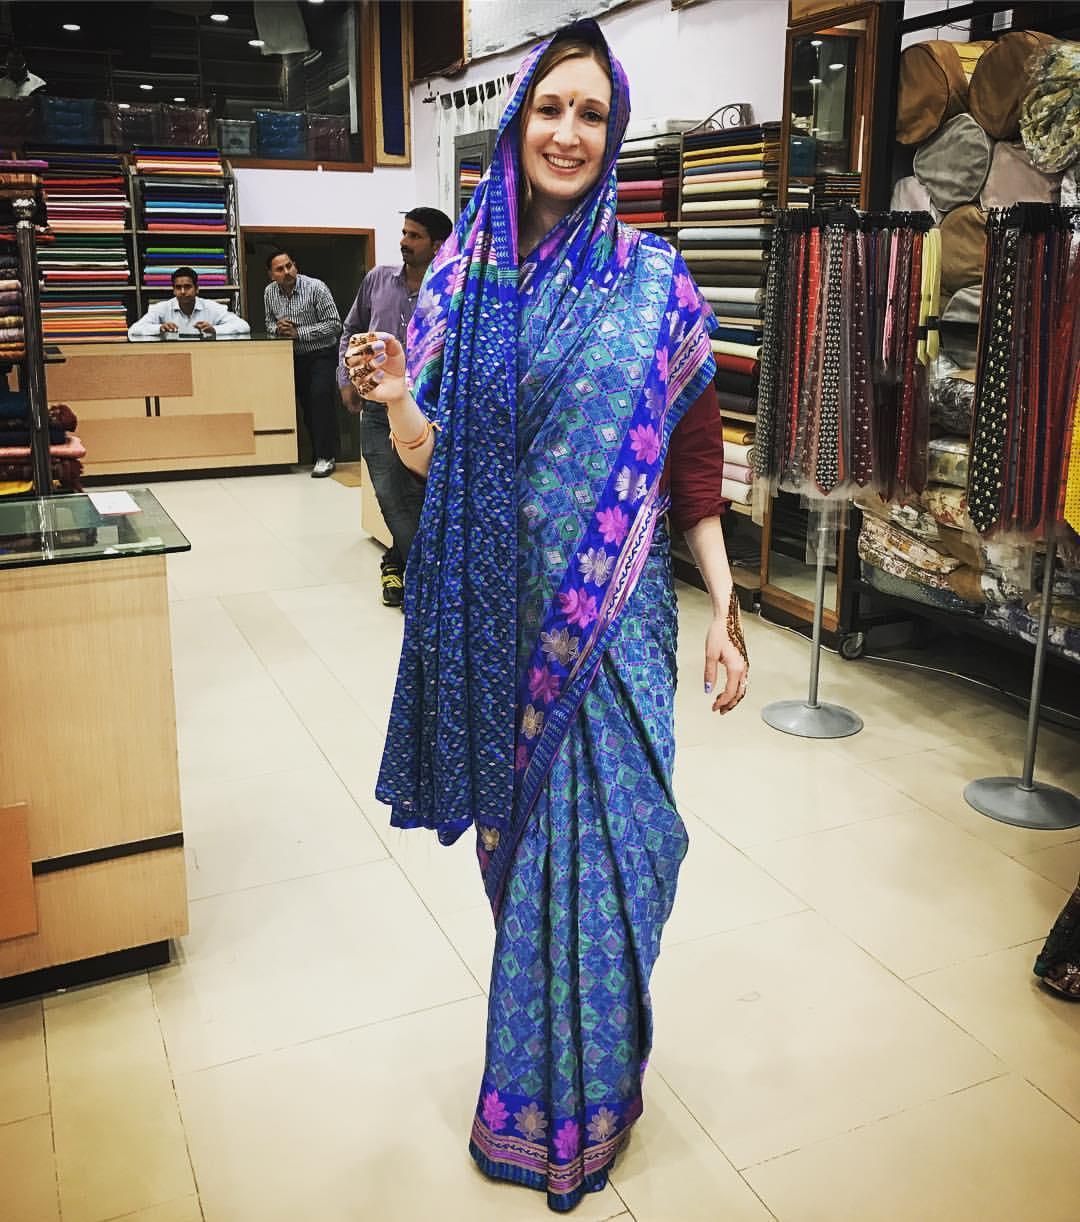 Sari tying, Jaipur Emporium